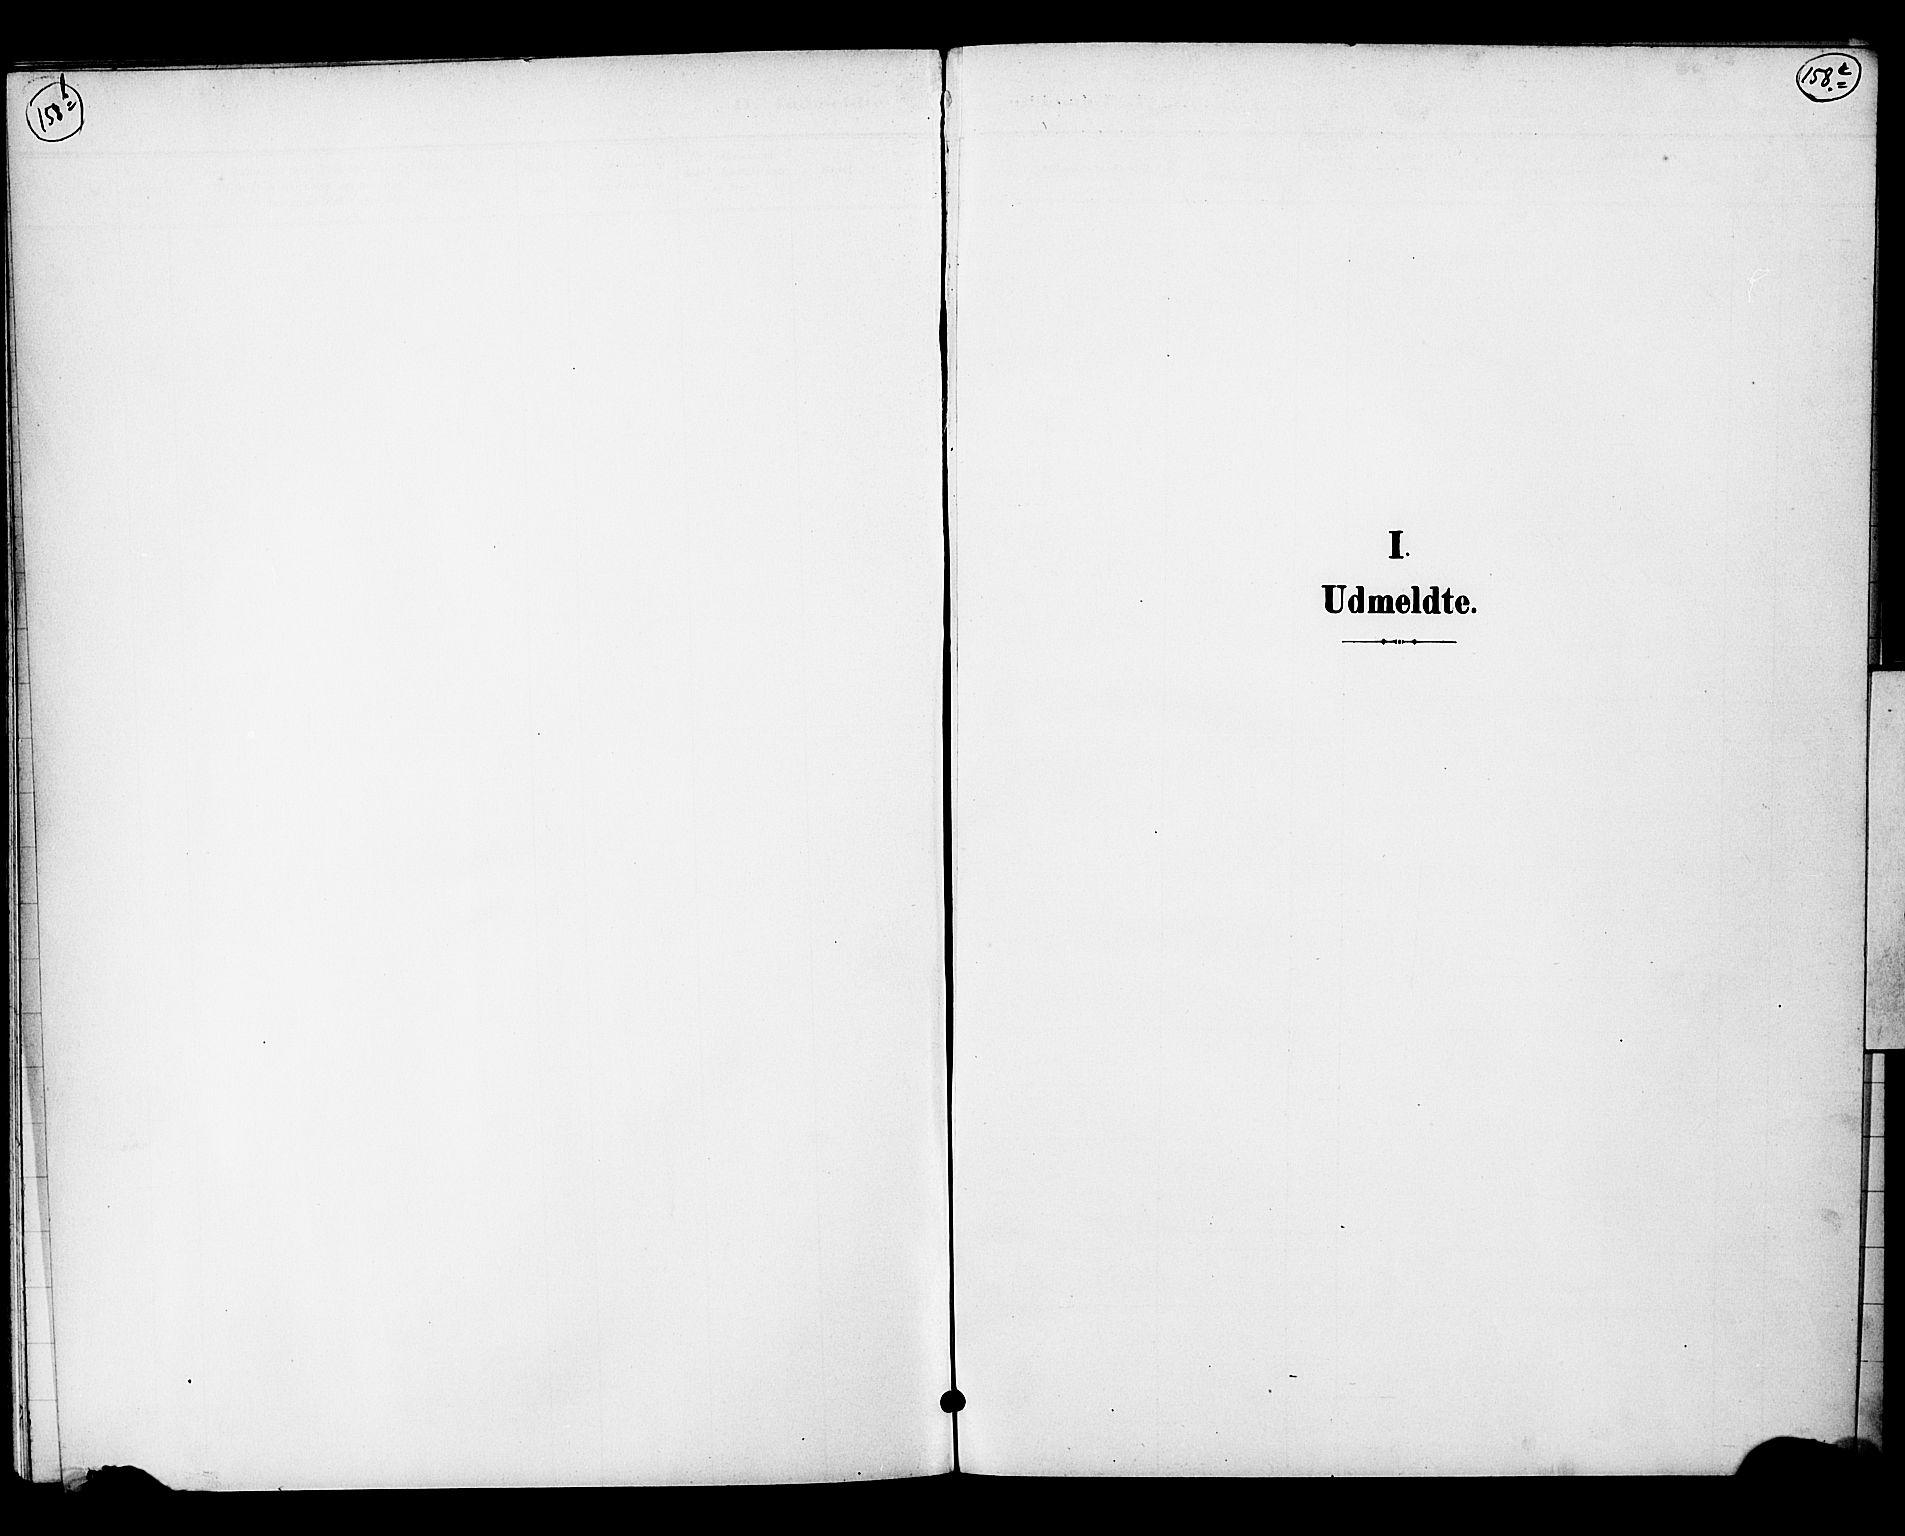 SAO, Nannestad prestekontor Kirkebøker, G/Gc/L0001: Klokkerbok nr. III 1, 1901-1916, s. 158b-158c